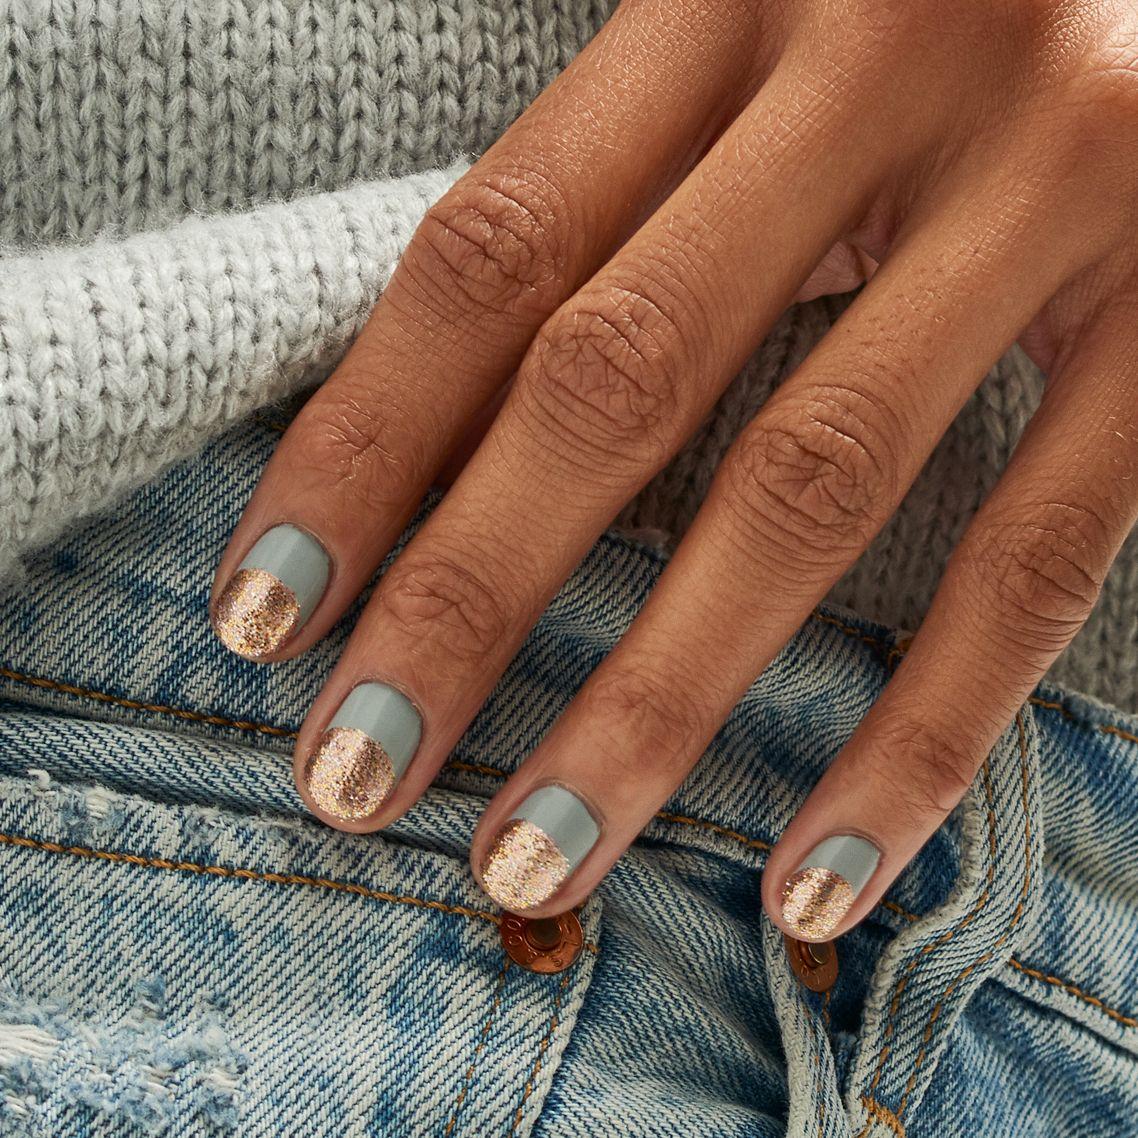 Pin By Paintbox Nails On Mani Magic Minimalist Nails Short Gel Nails Nails